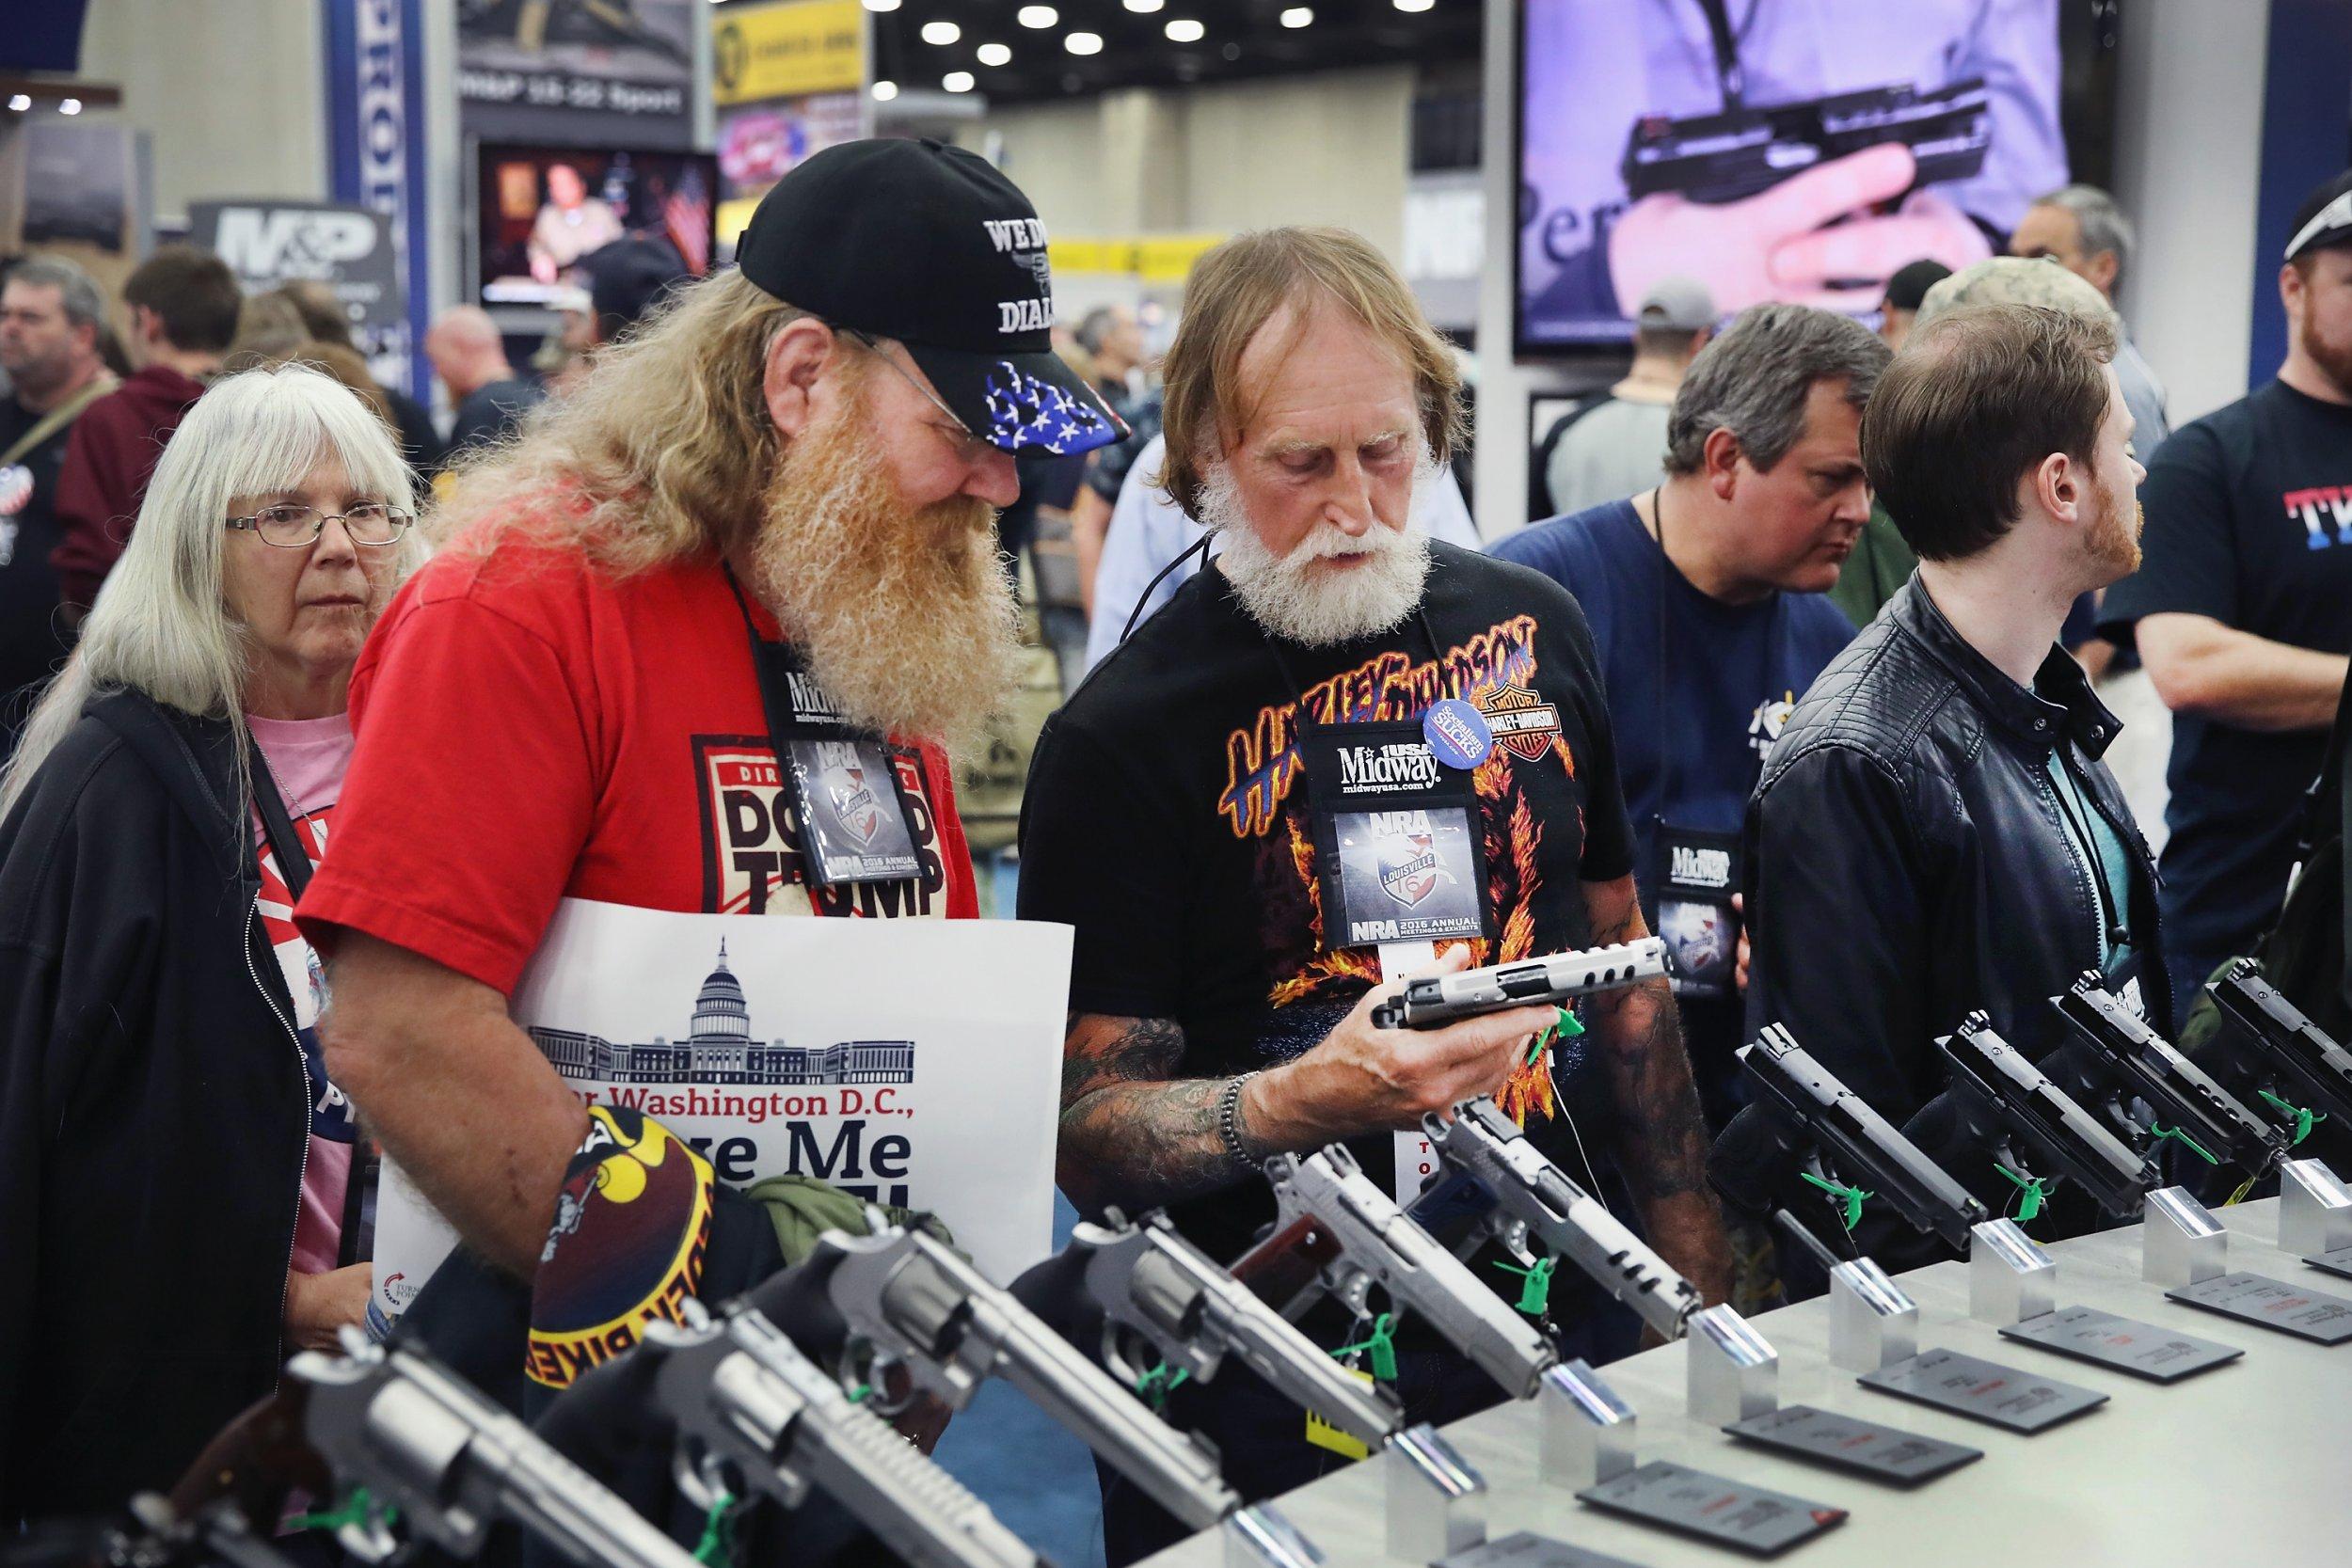 US gun manufacturer shares soar in wake of Orlando shooting